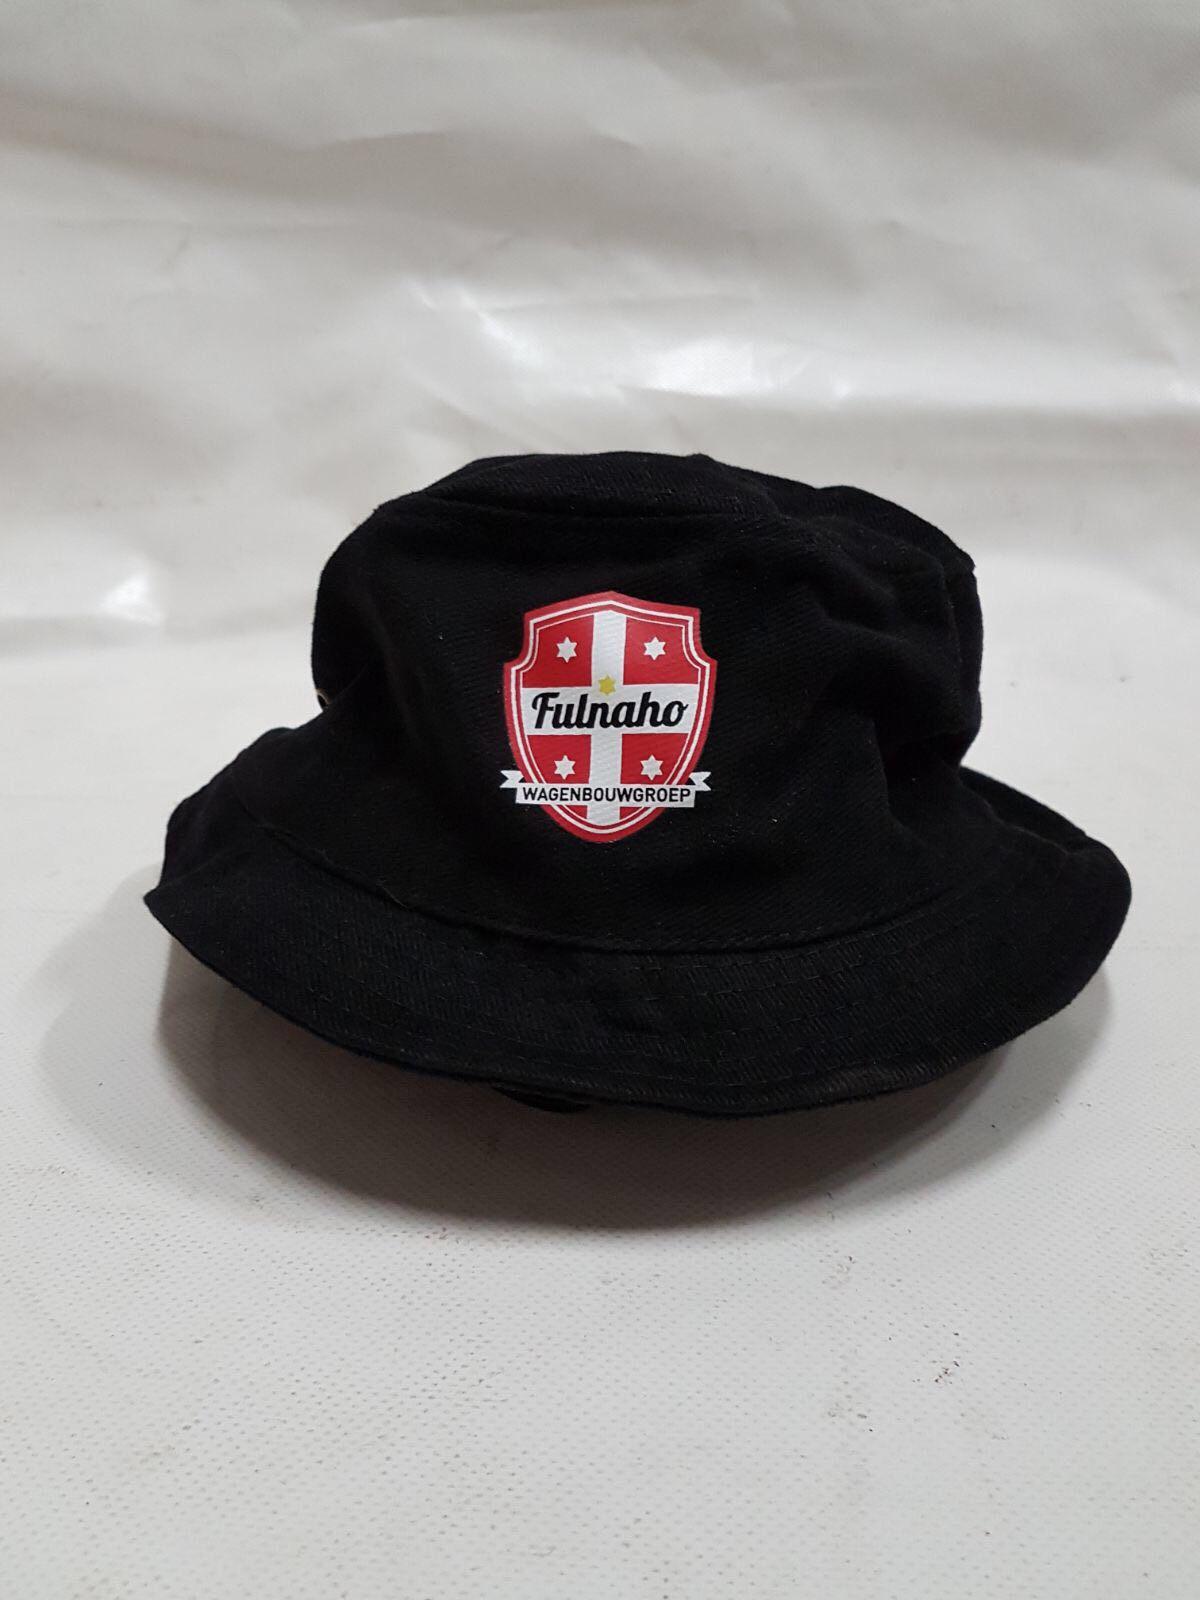 Fulnaho hoed